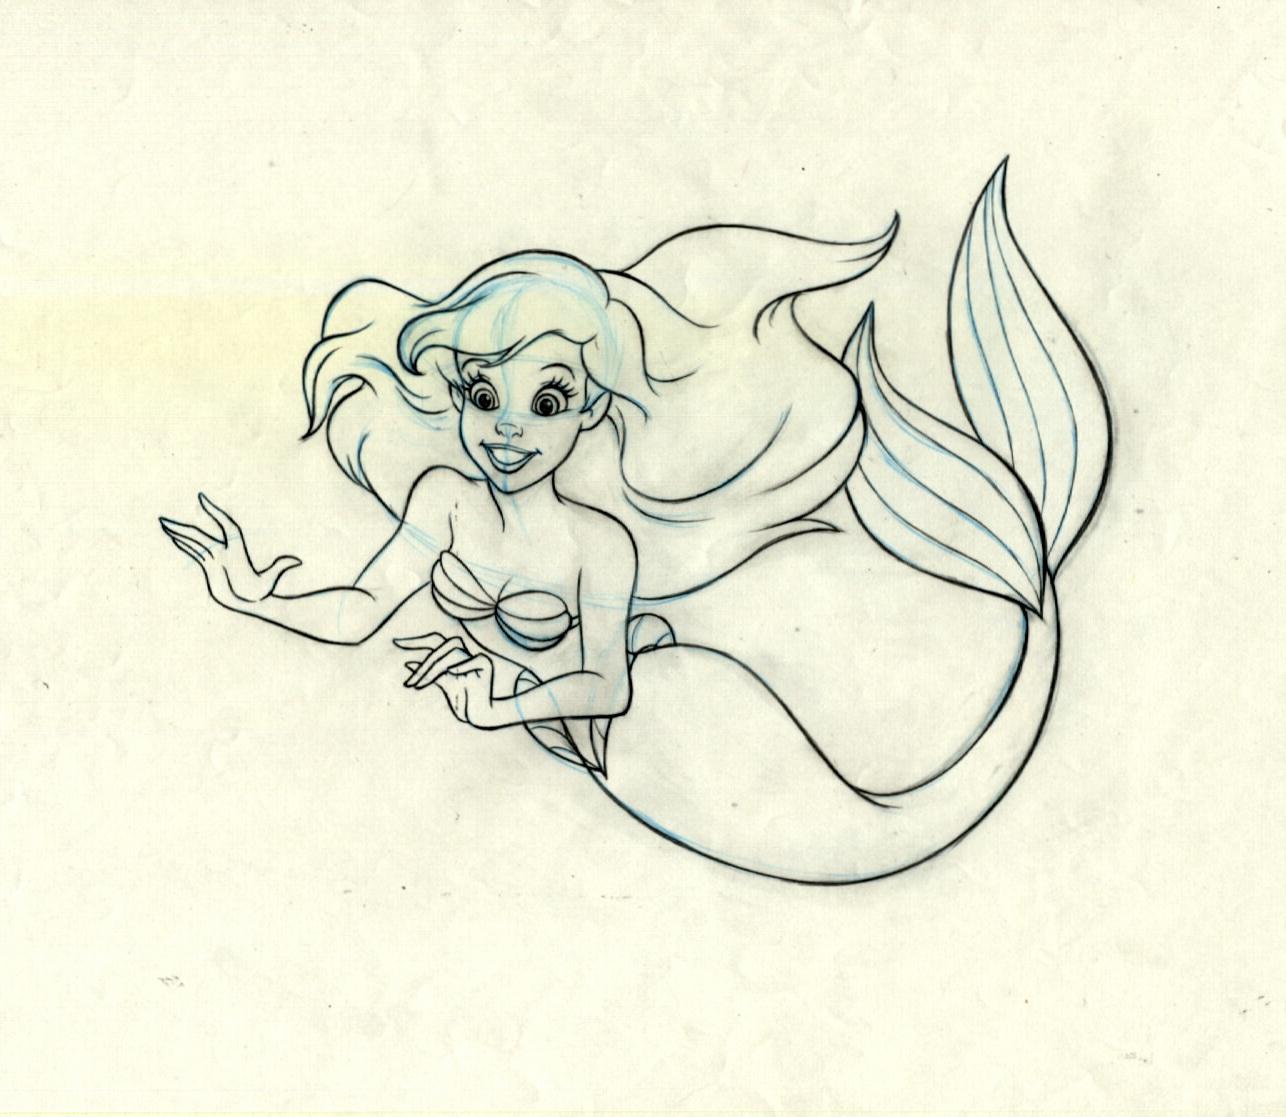 1286x1117 The Little Mermaid Drawings Ariel The Little Mermaid Original